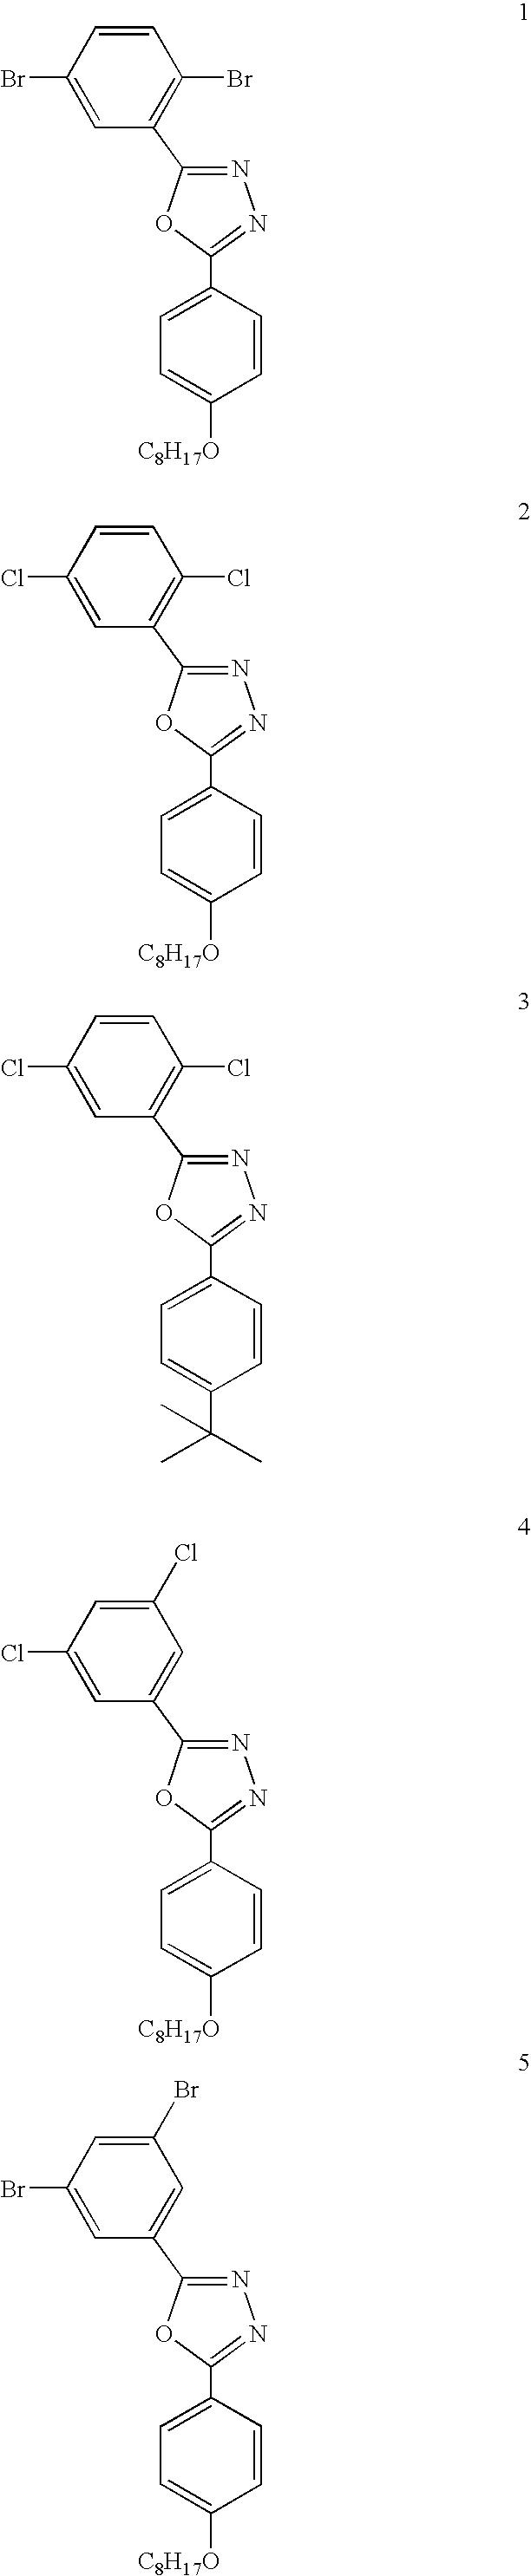 Figure US20040062930A1-20040401-C00101